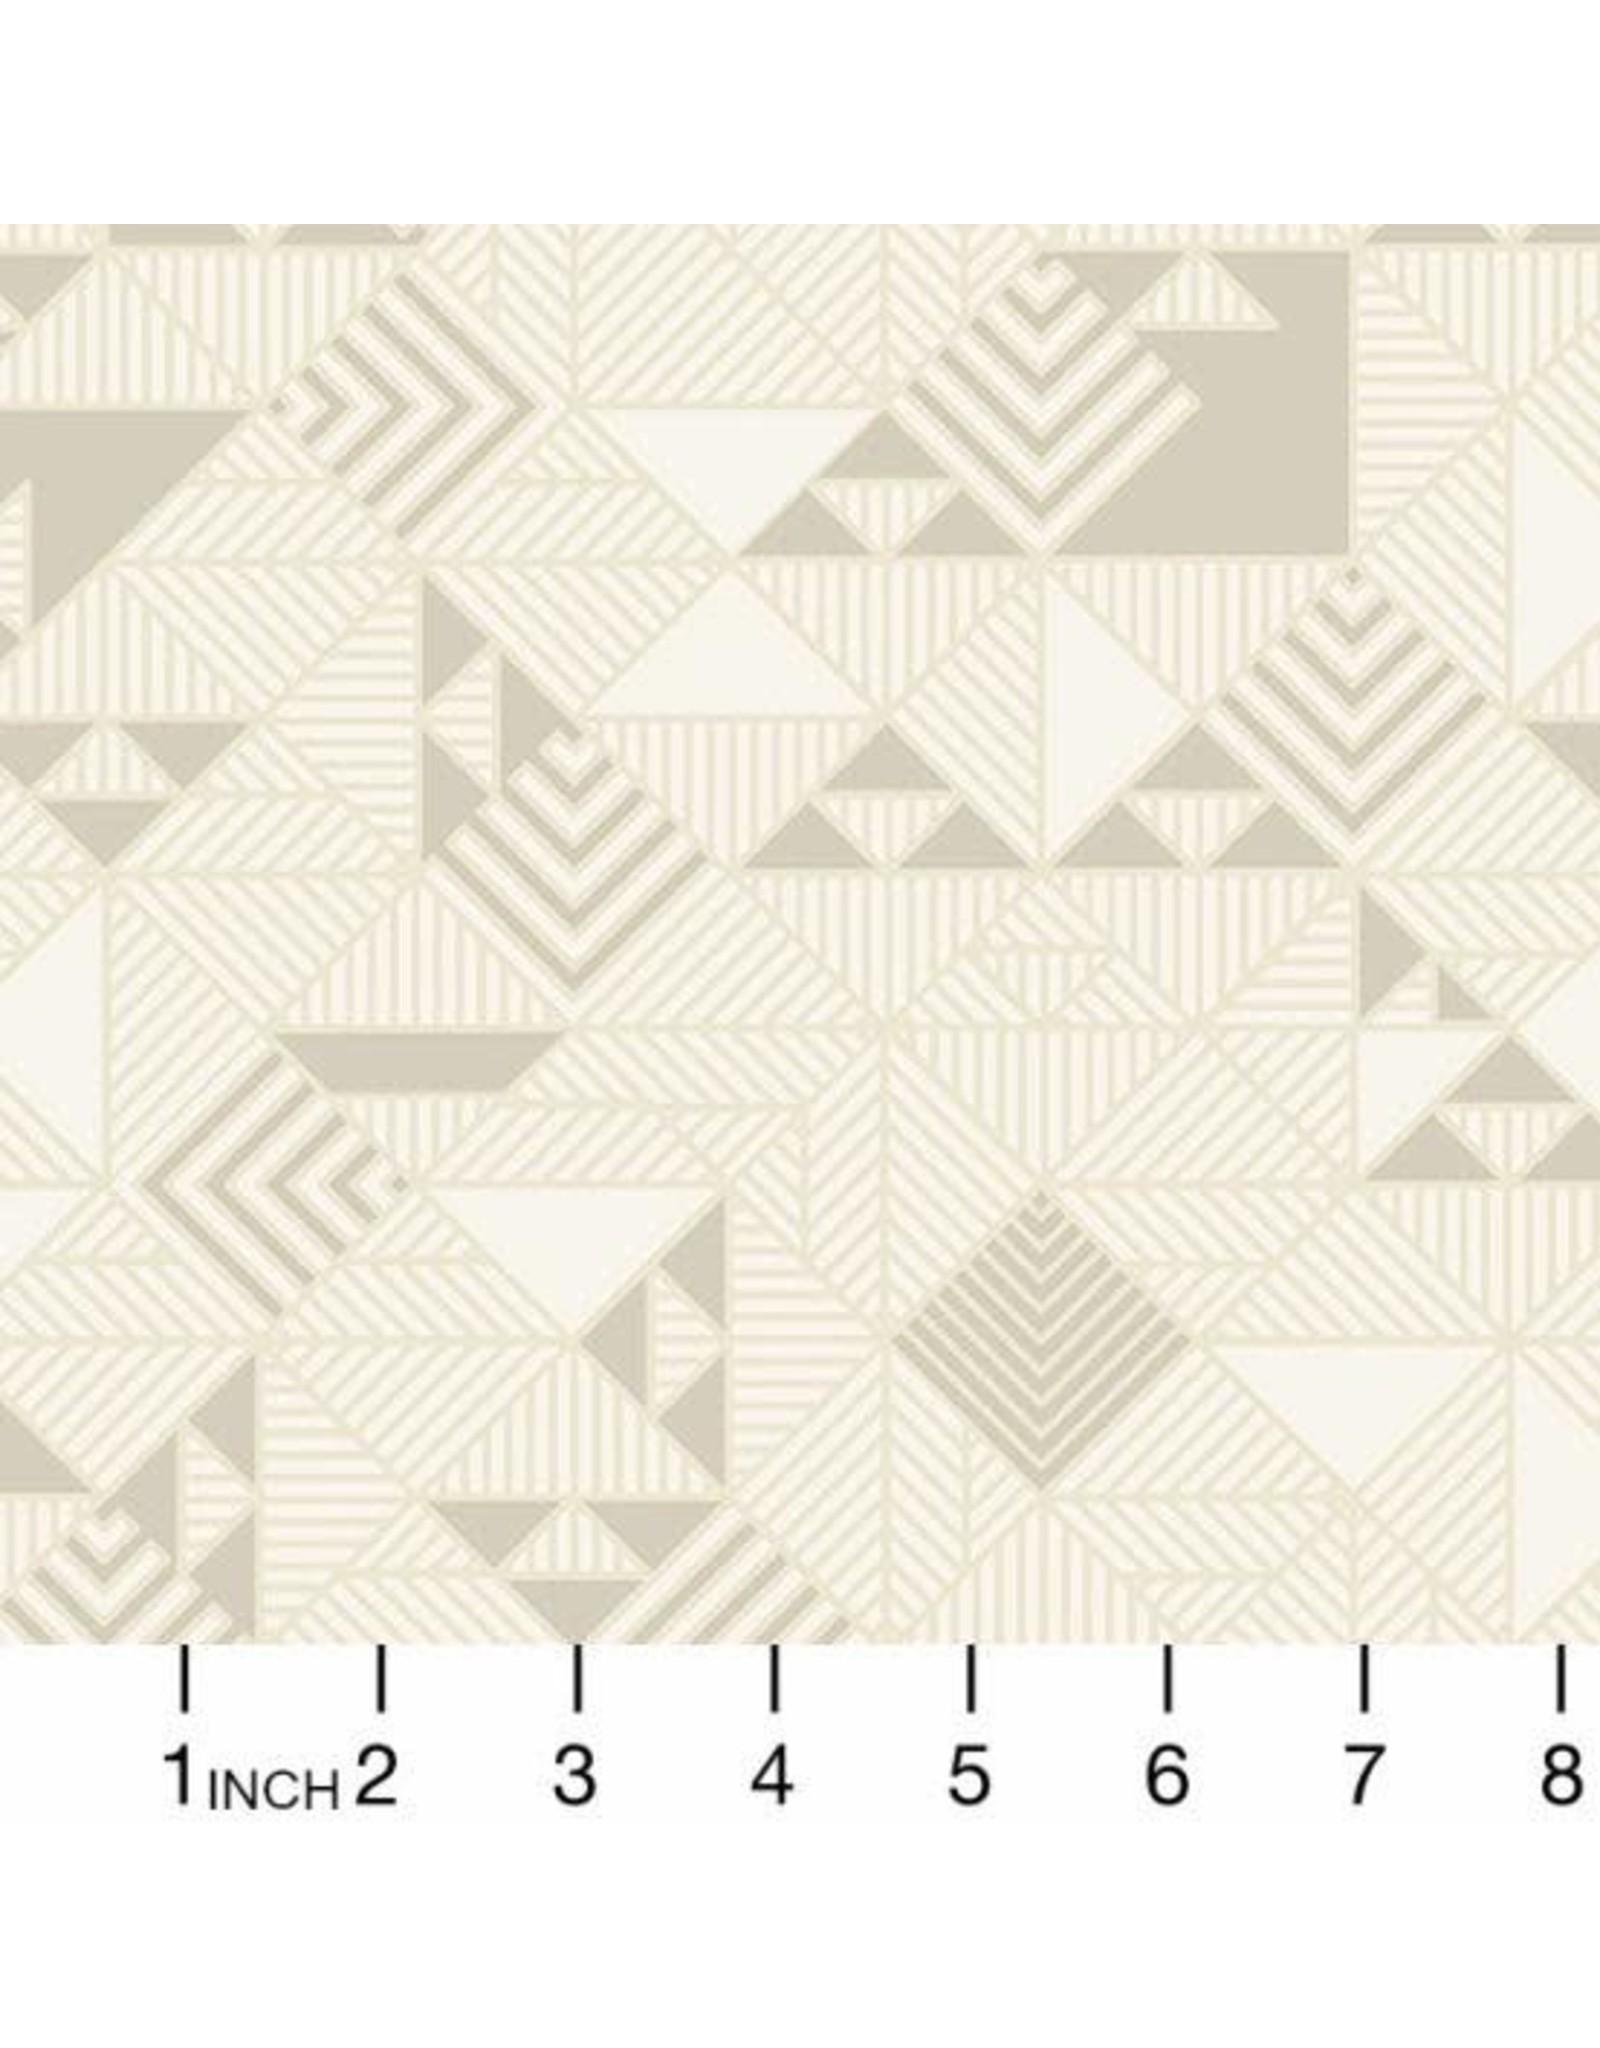 Libs Elliott Stealth, Range in Canvas, Fabric Half-Yards A-9659-N